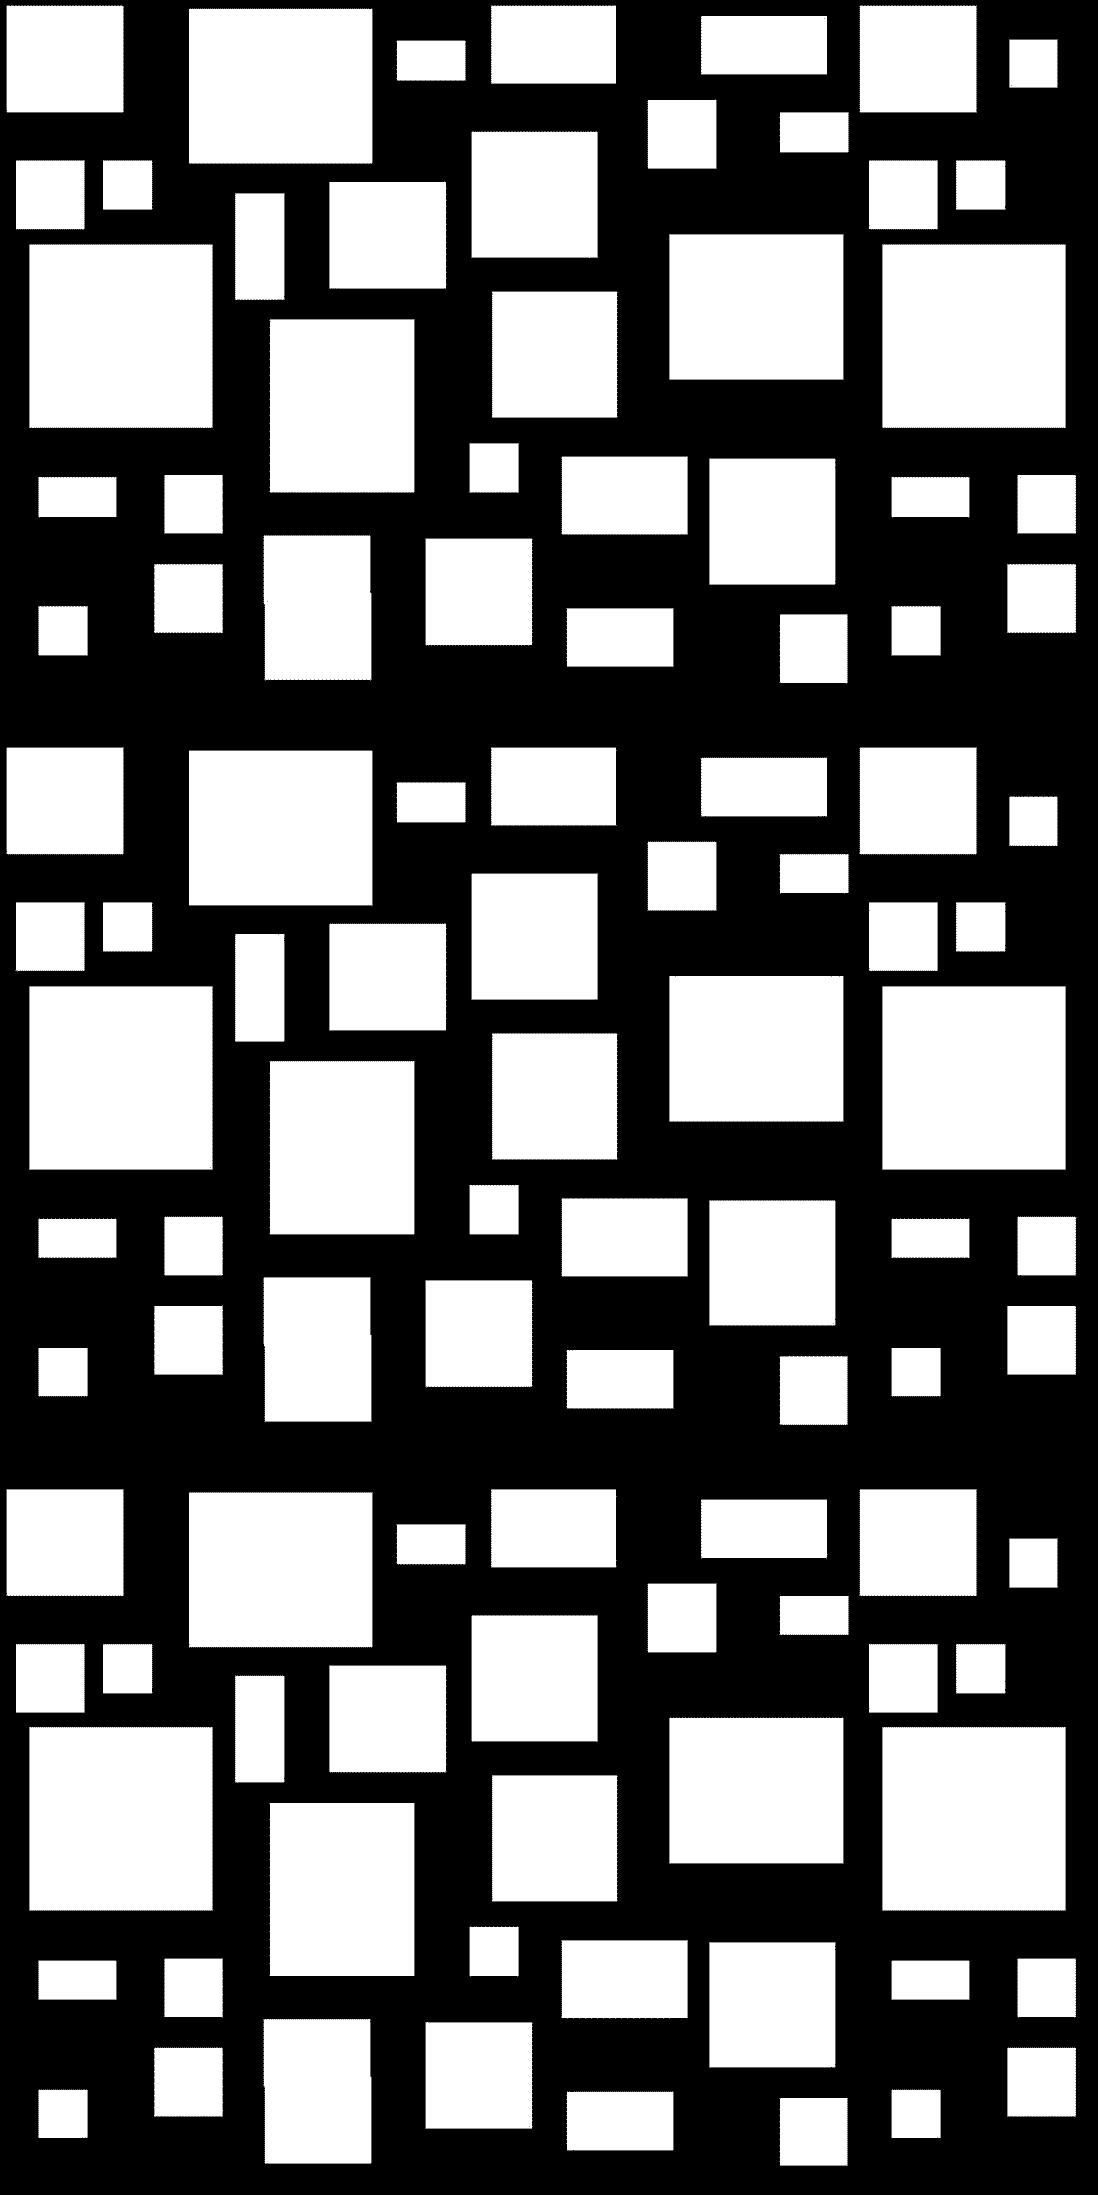 CFX-P188